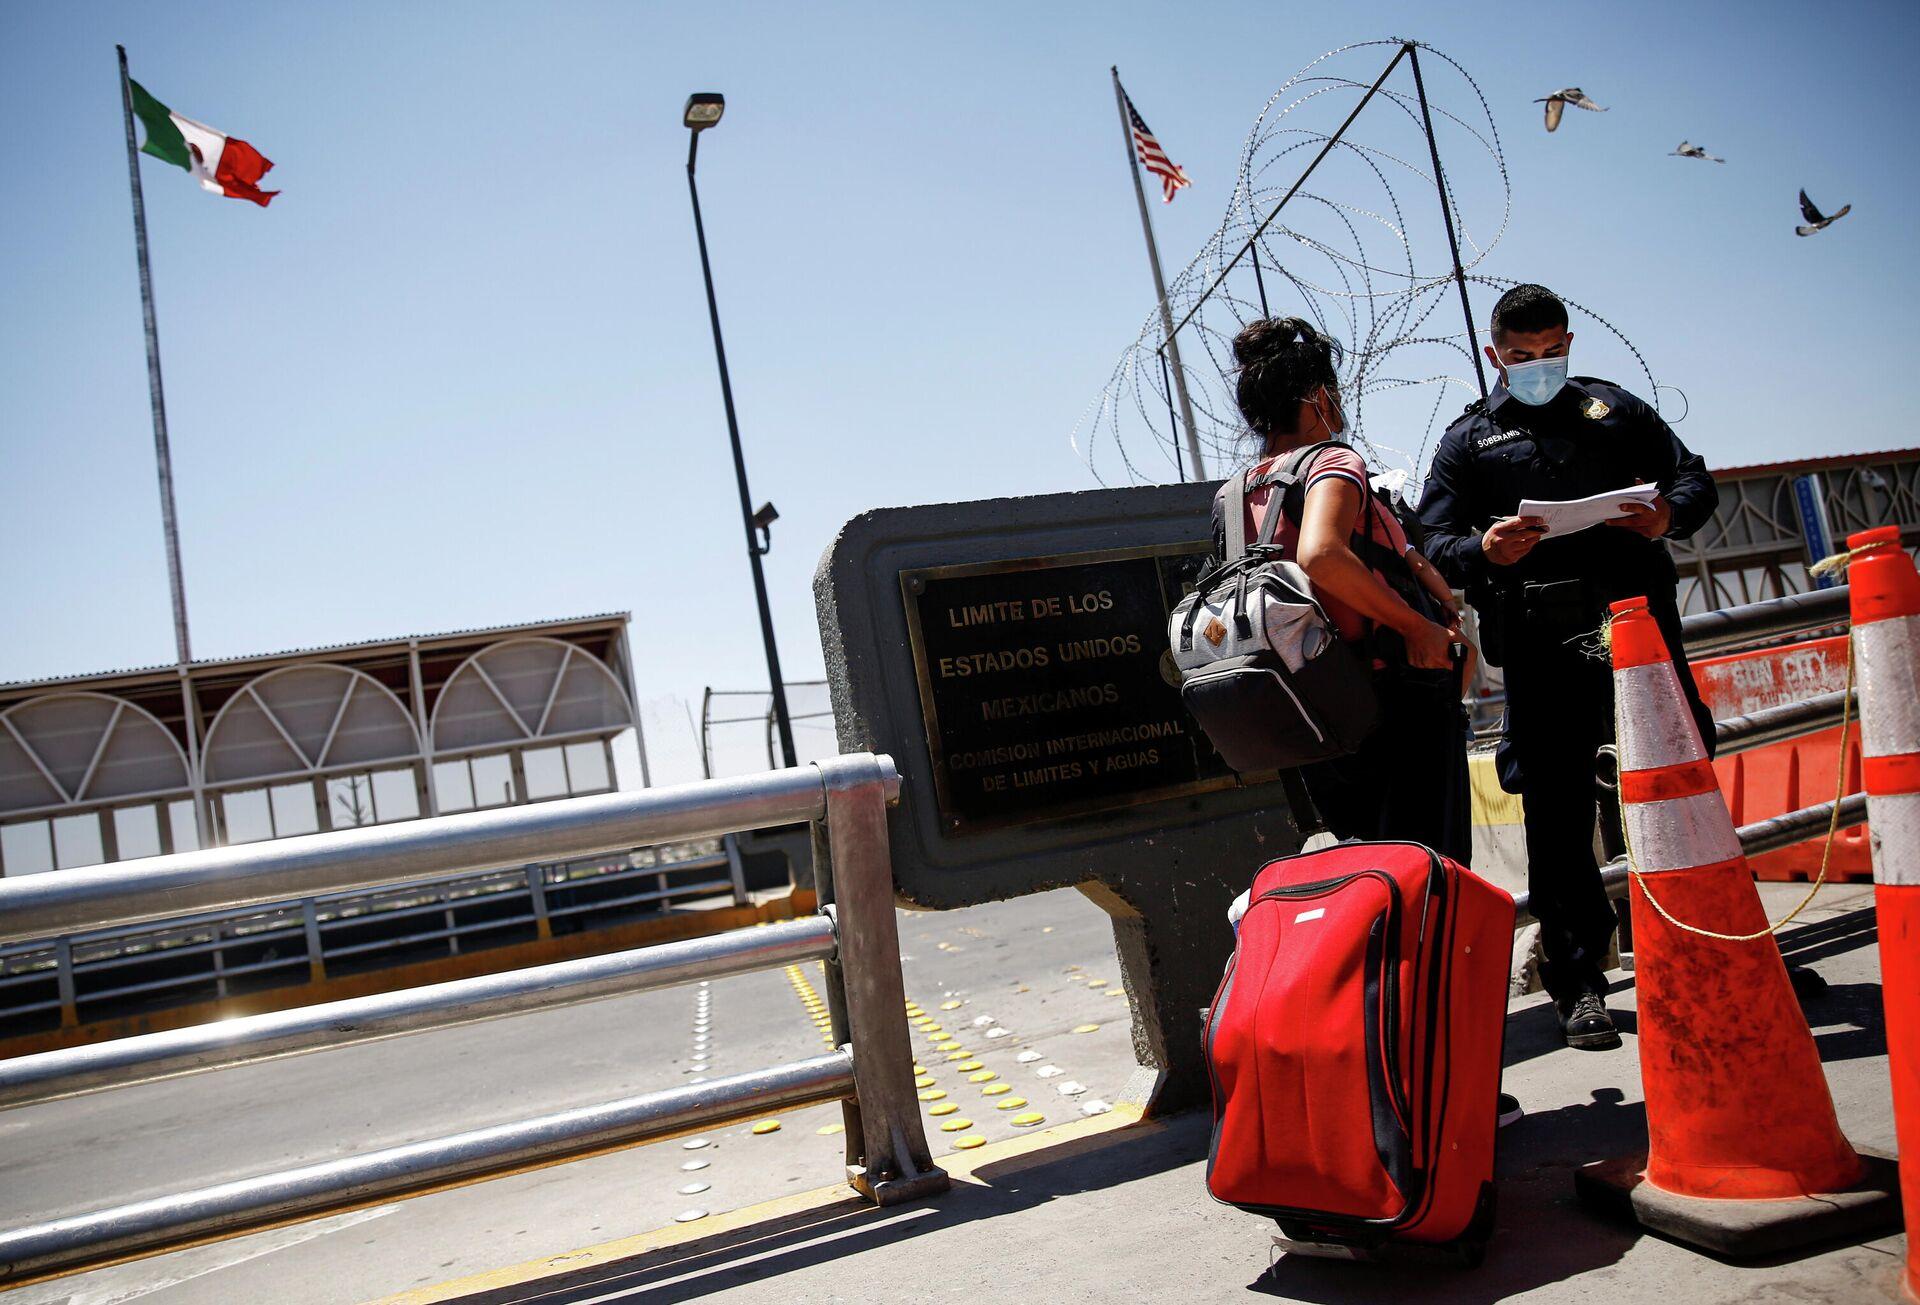 Полицейский проверяет документы у мигранта на границе Мексики и США - РИА Новости, 1920, 30.06.2021